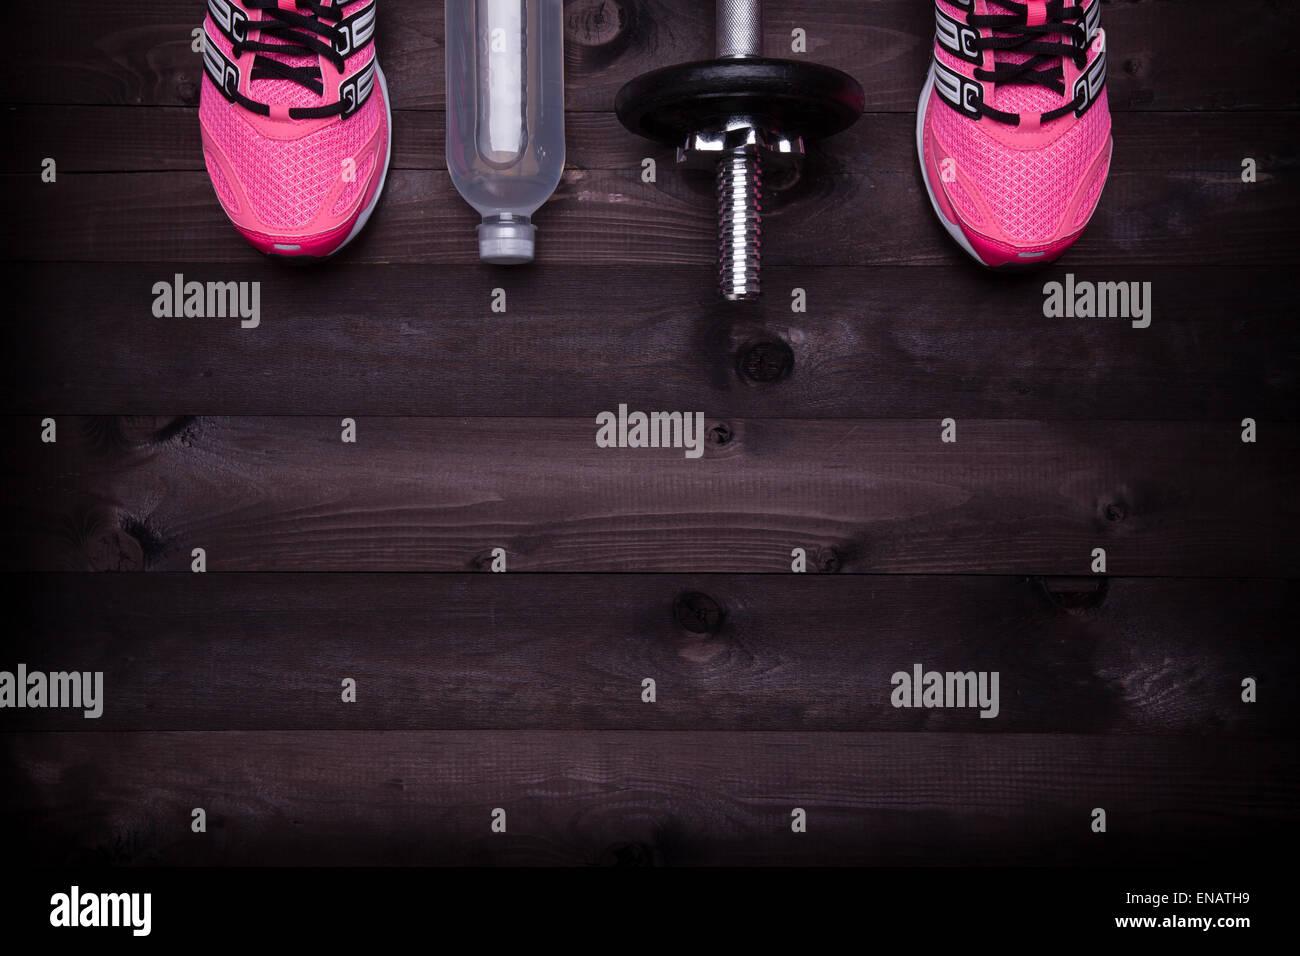 Les équipements de sport. Chaussures de sport, de l'eau et un haltère sur un fond en bois noir Photo Stock